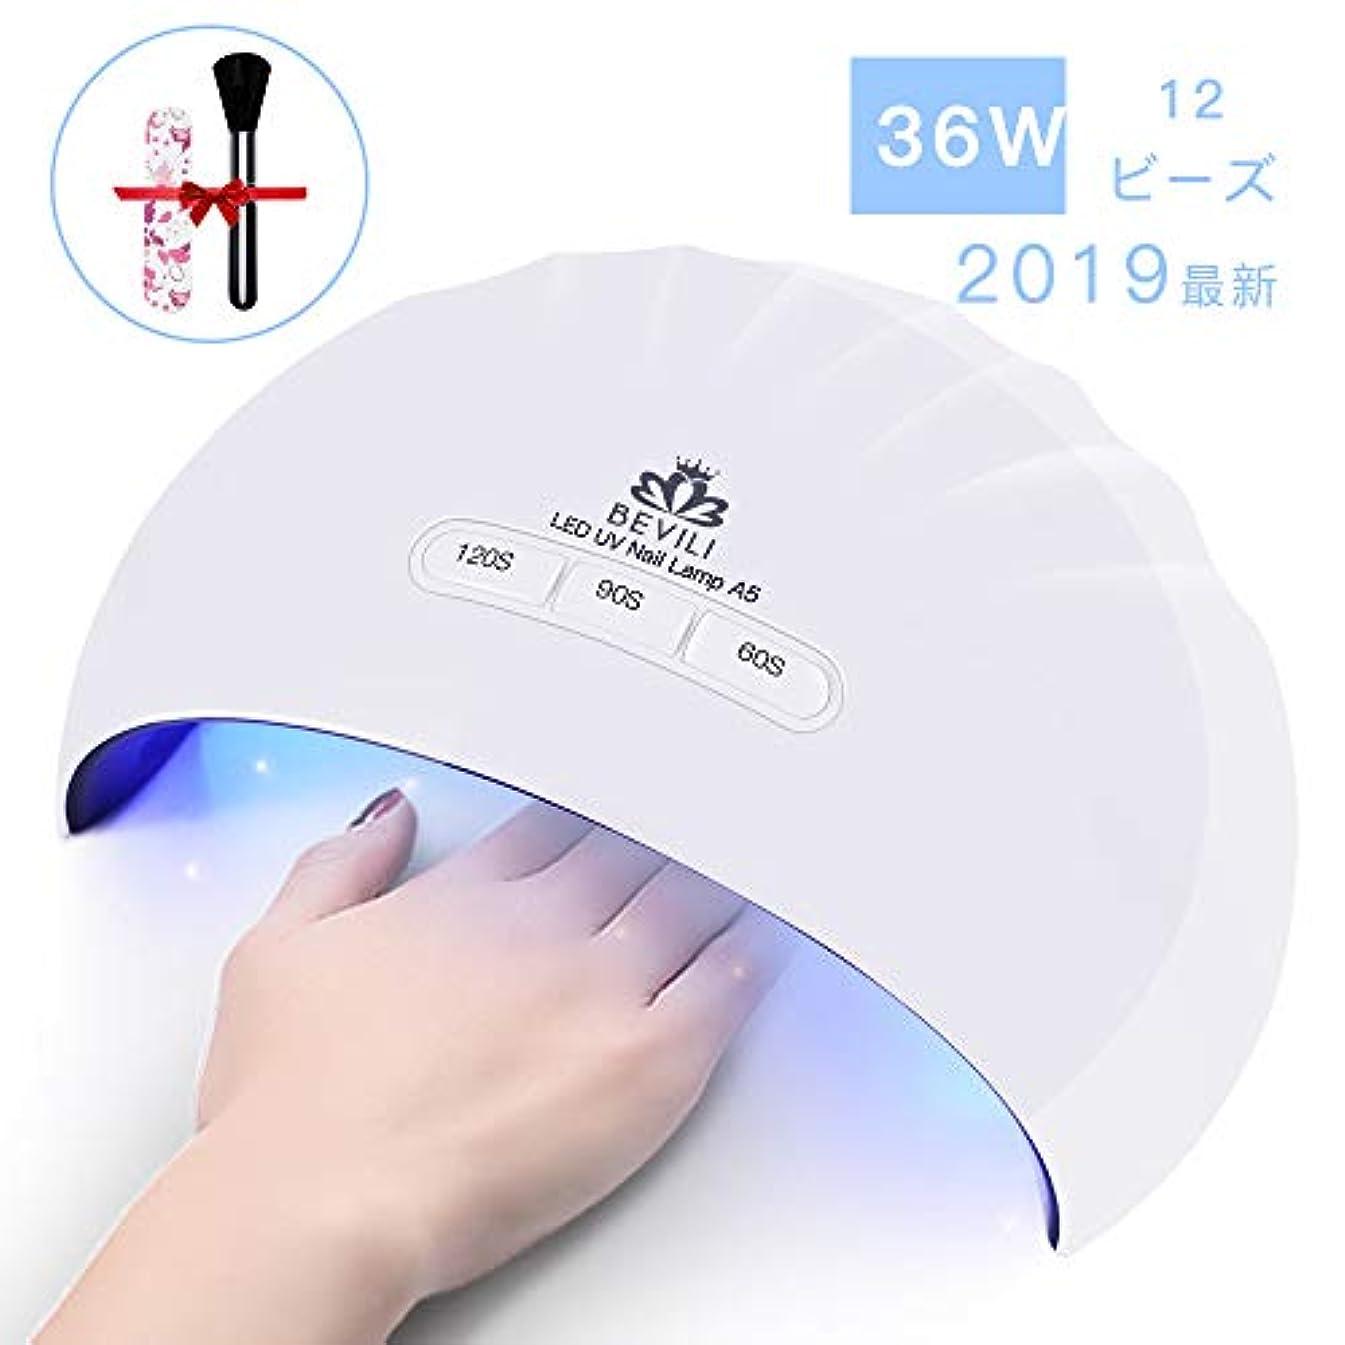 硬化用UV/LEDライトジェルネイルライト 肌をケア センサータイマー付き UVライト 速乾UV ネイル ハンドフット両用 ネイル led ライト USB対応 (ホワイト)